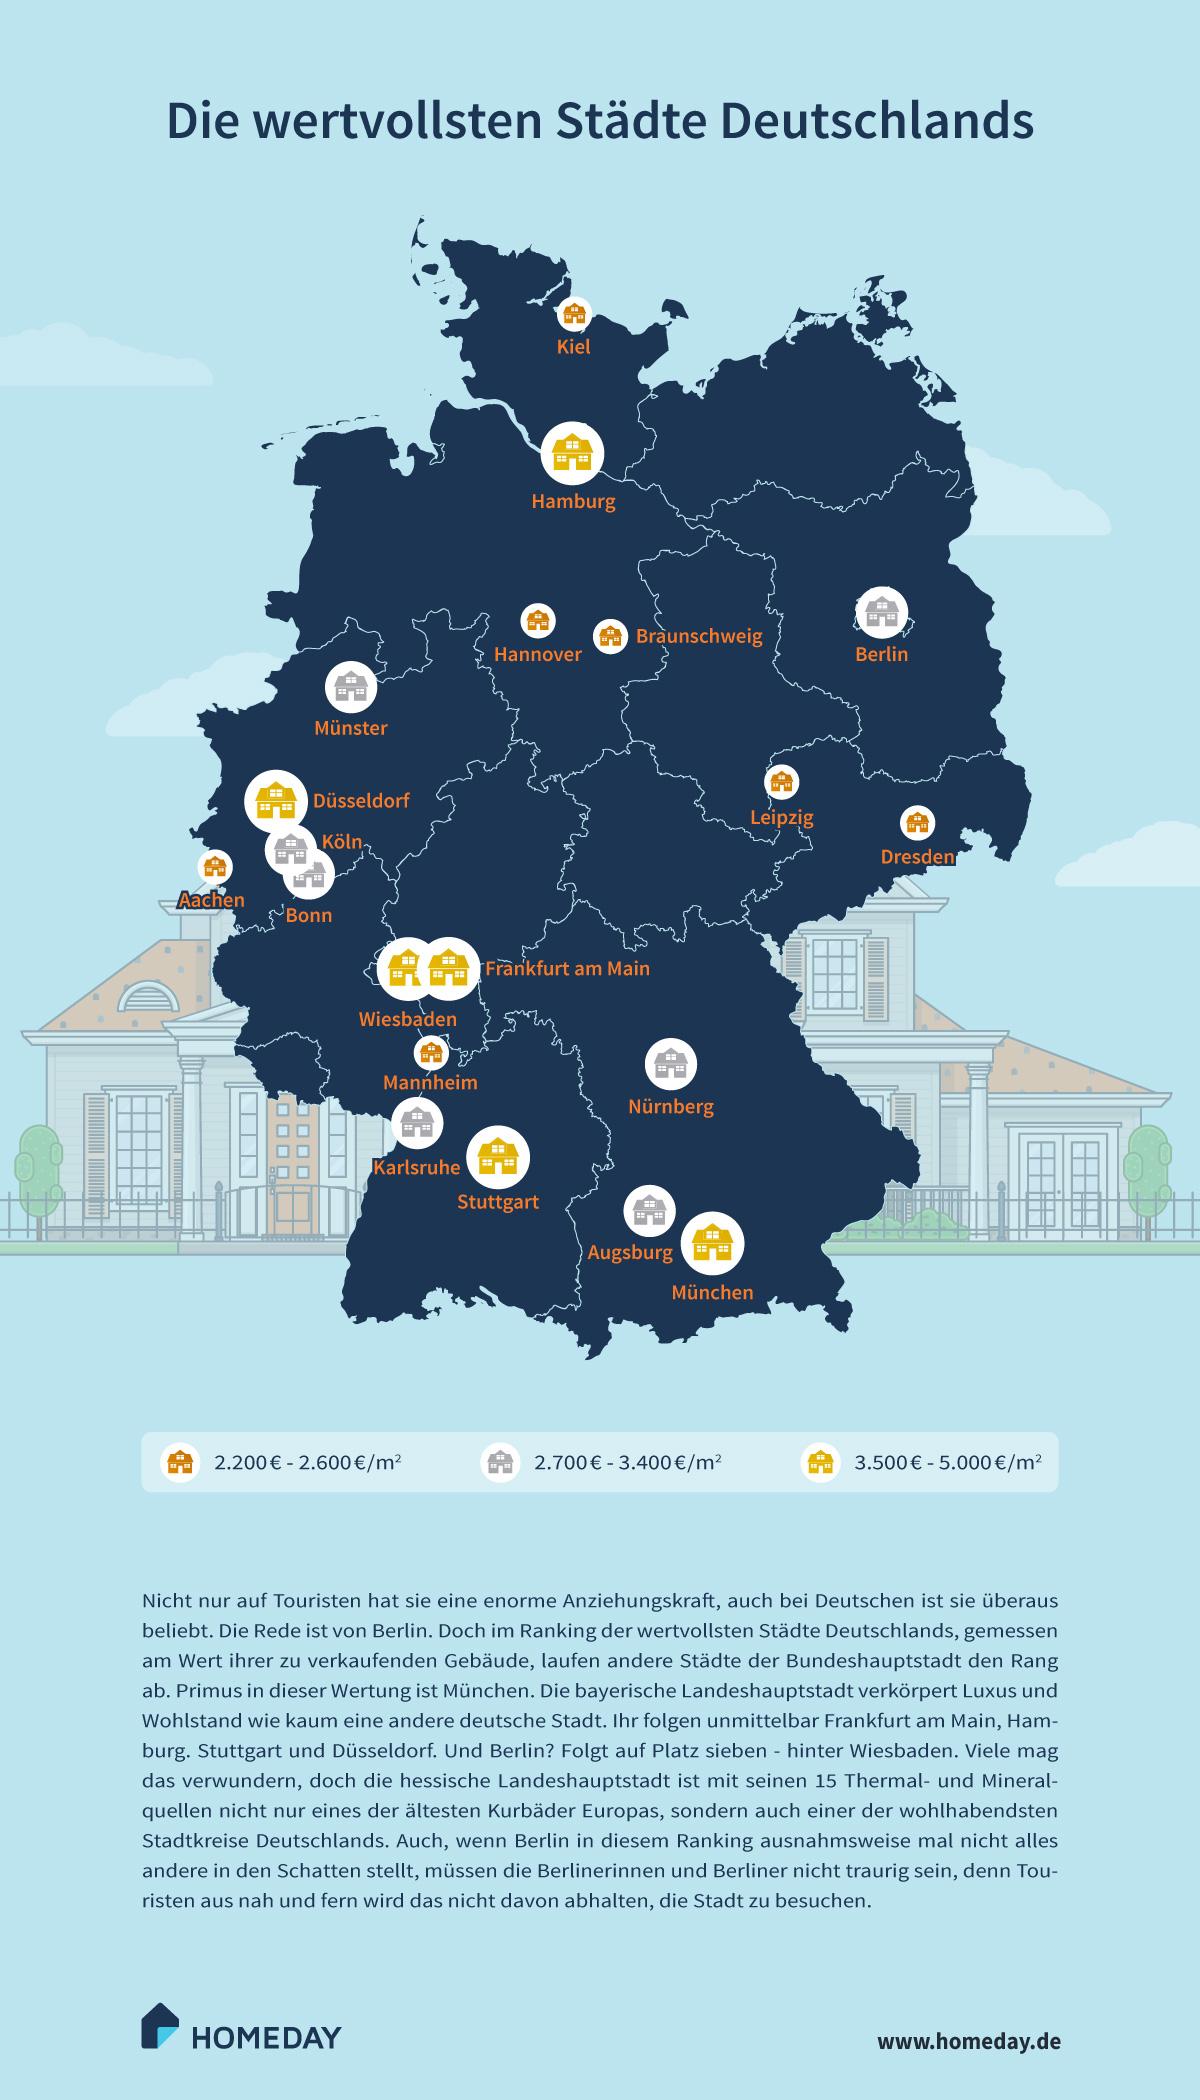 wertvollsten-staedte-deutschlands